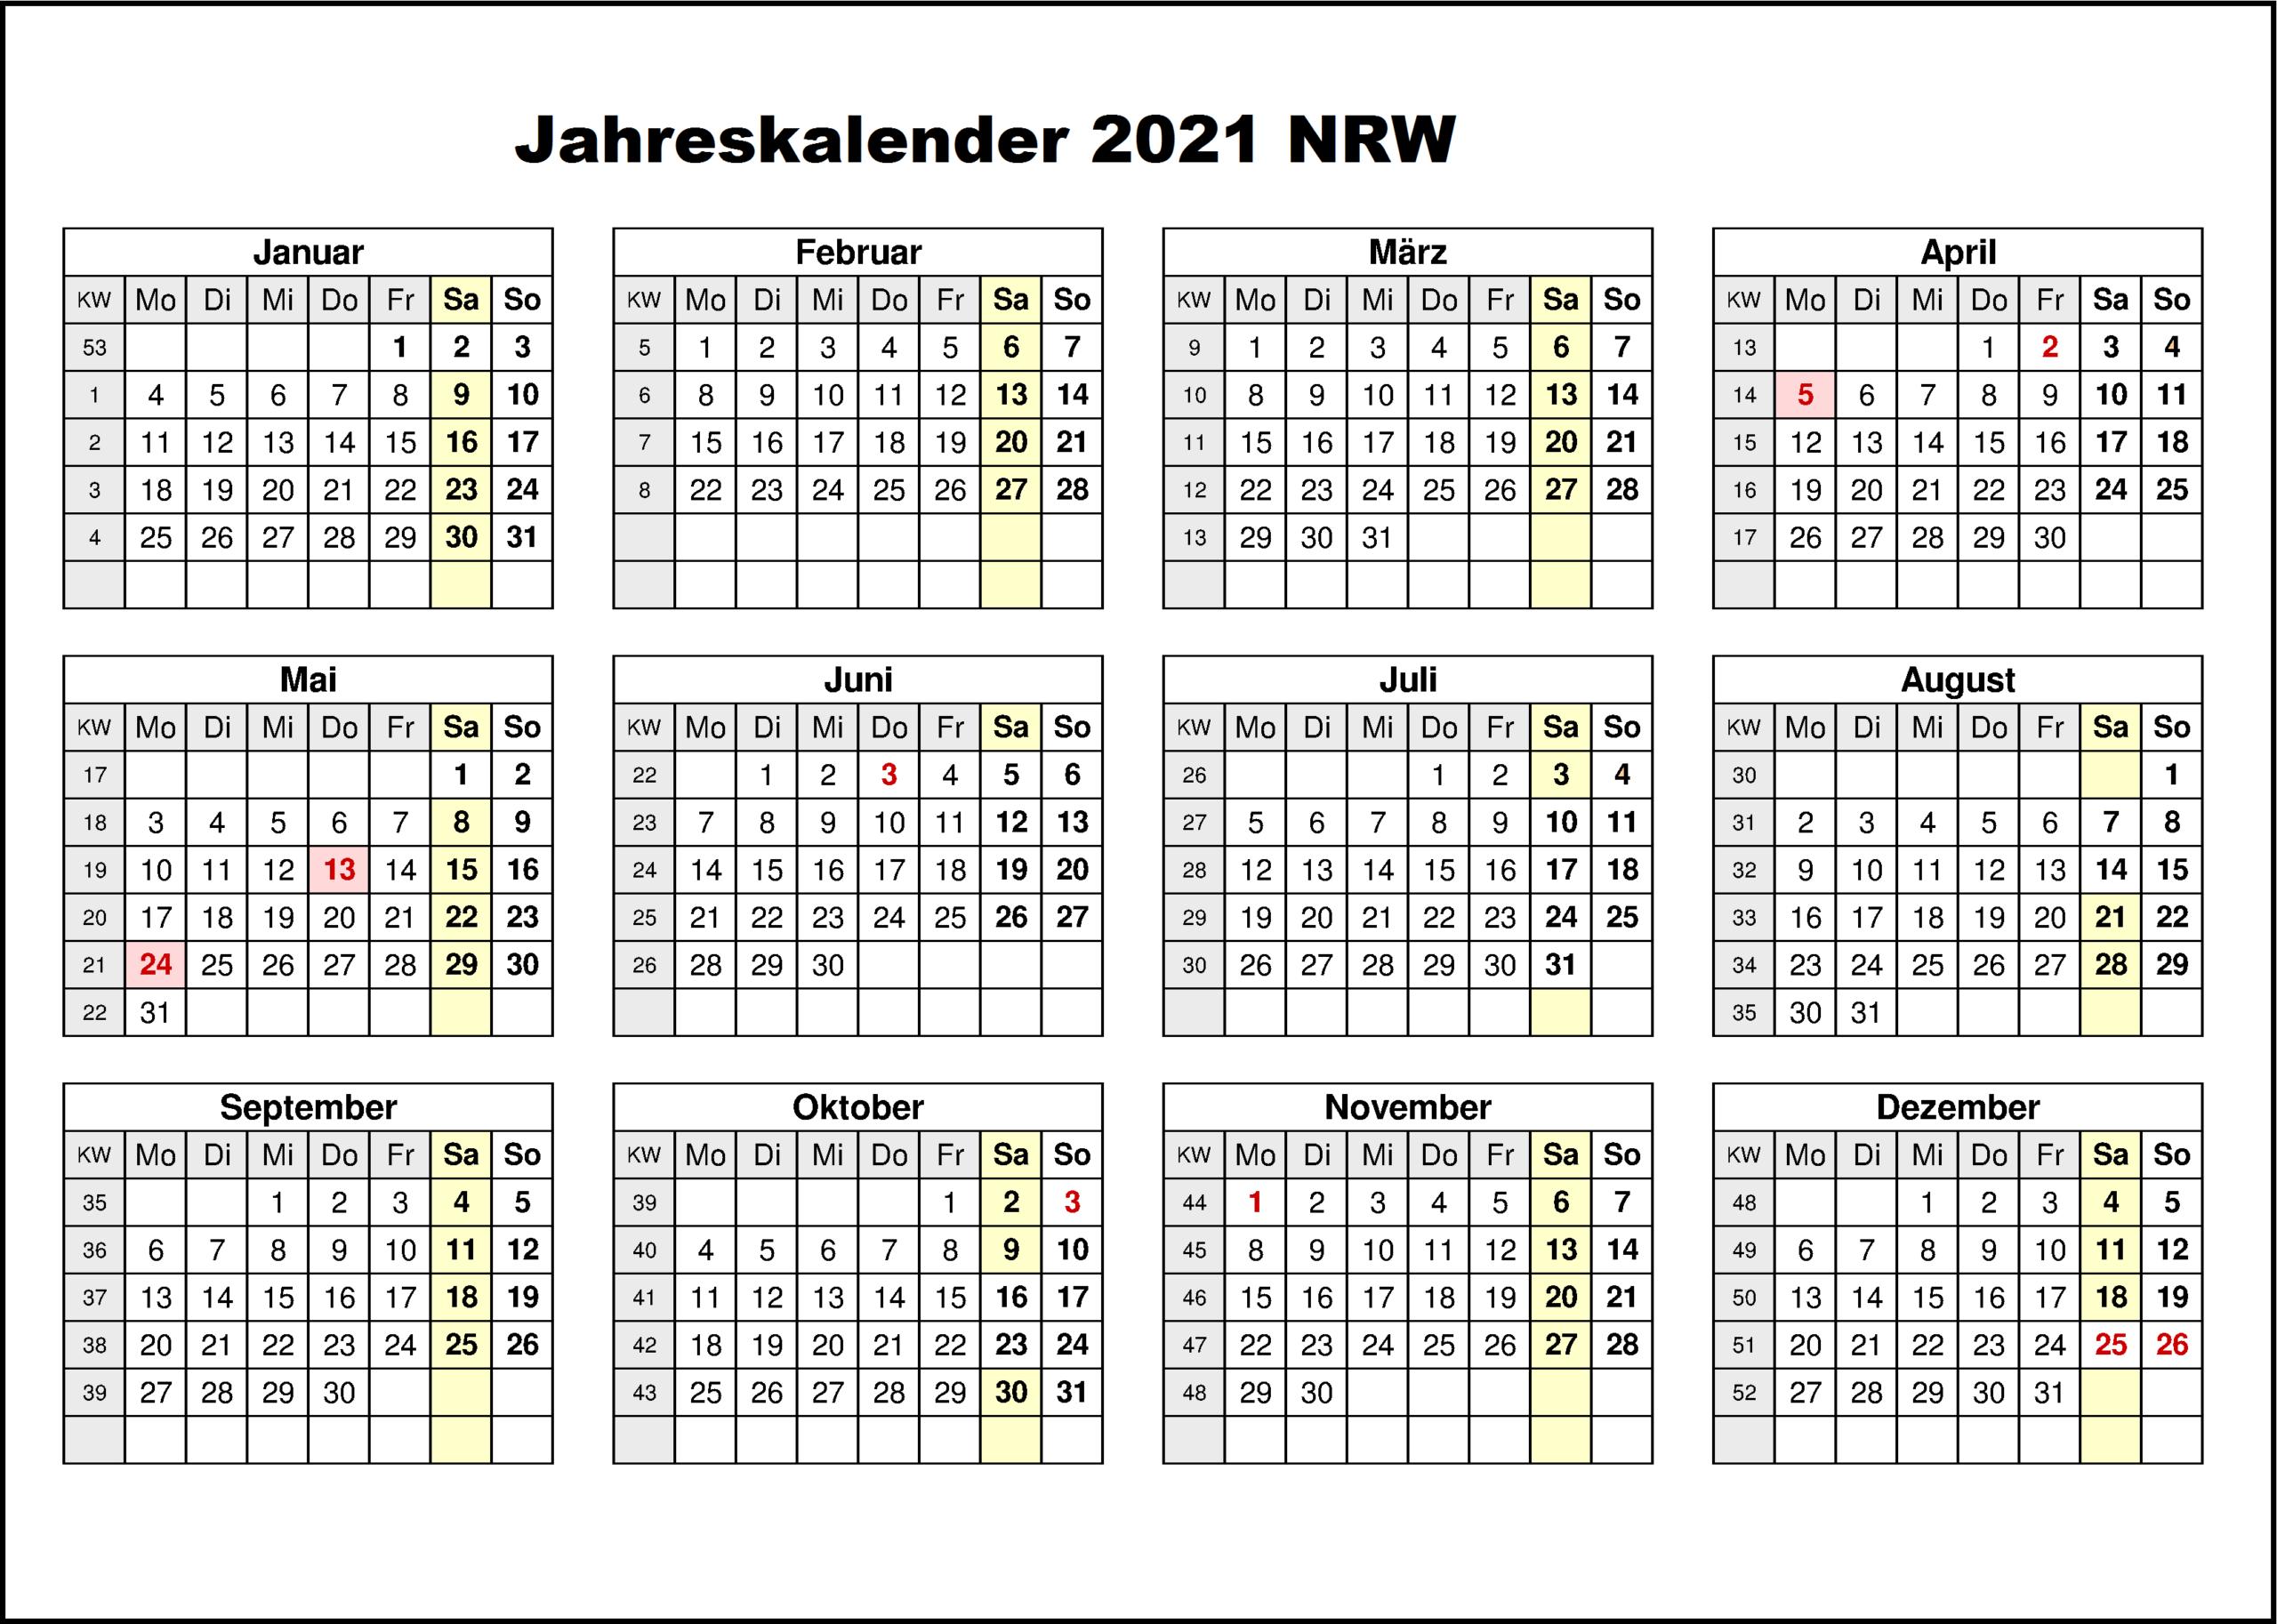 Jahreskalender 2021 Kostenlos : Jahreskalender 2021 Zum-Kalender 2021 Planer Zum Ausdrucken